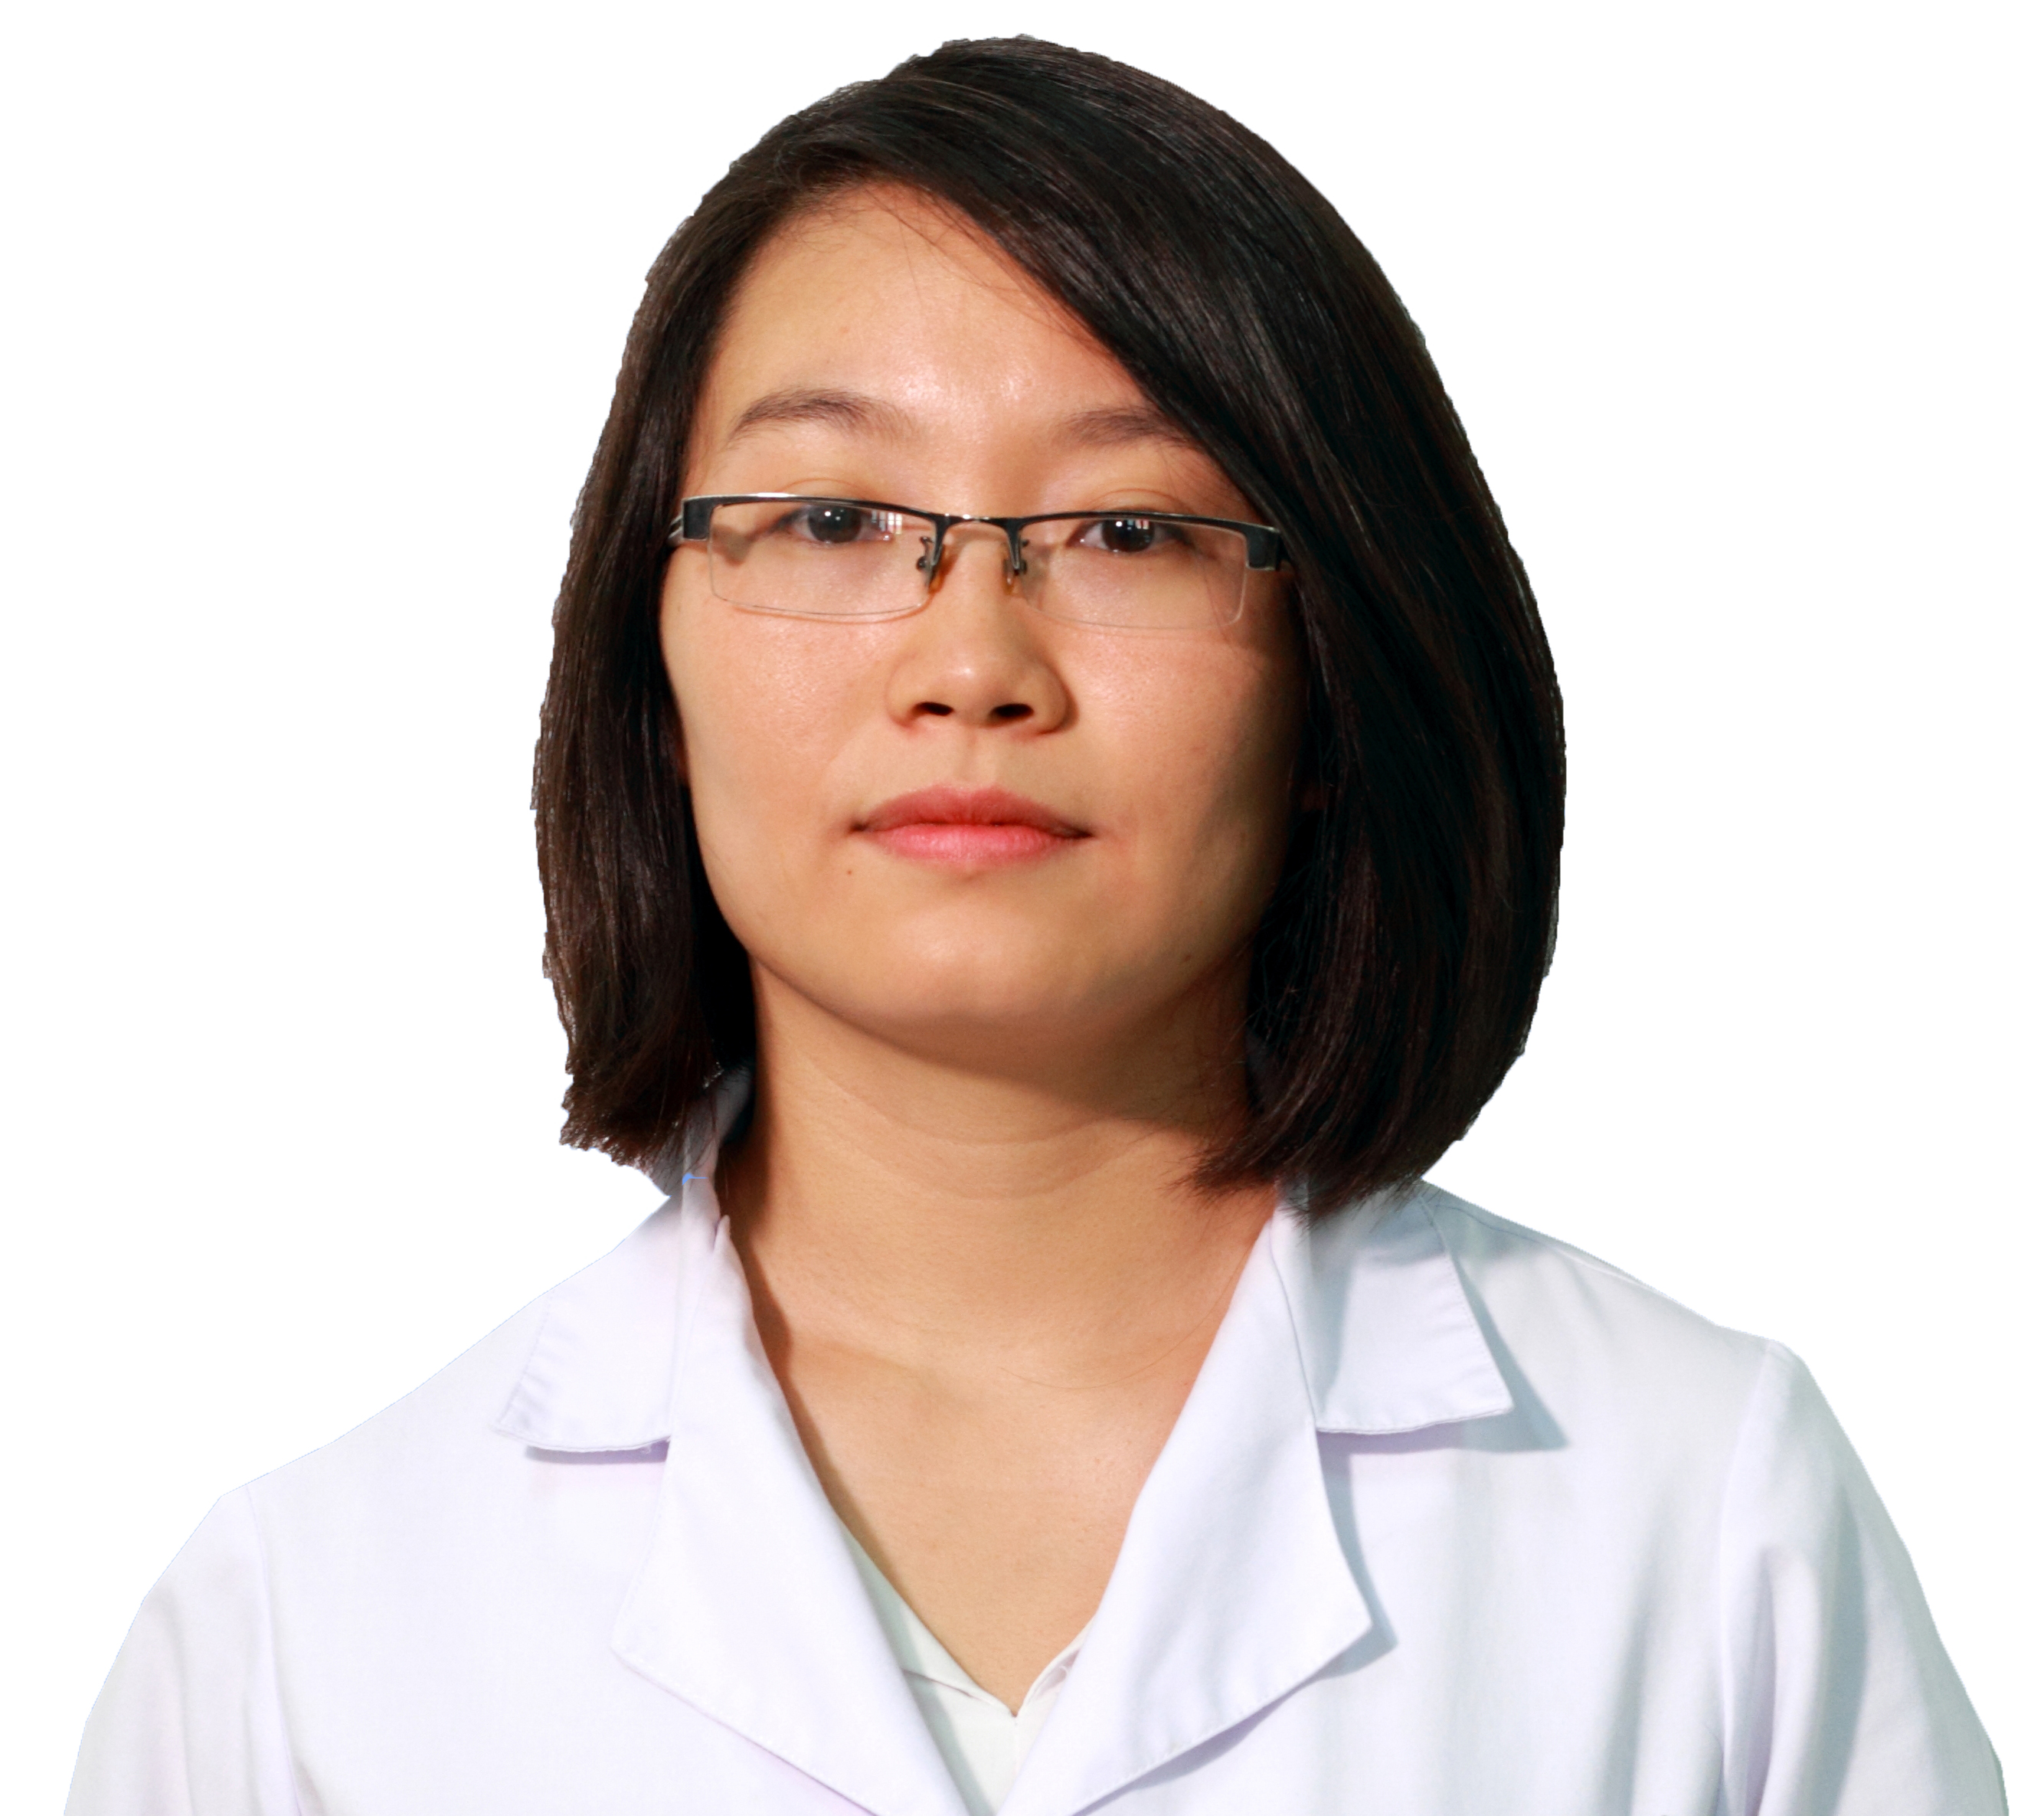 Nguyen Thu Ha M.D., M.A